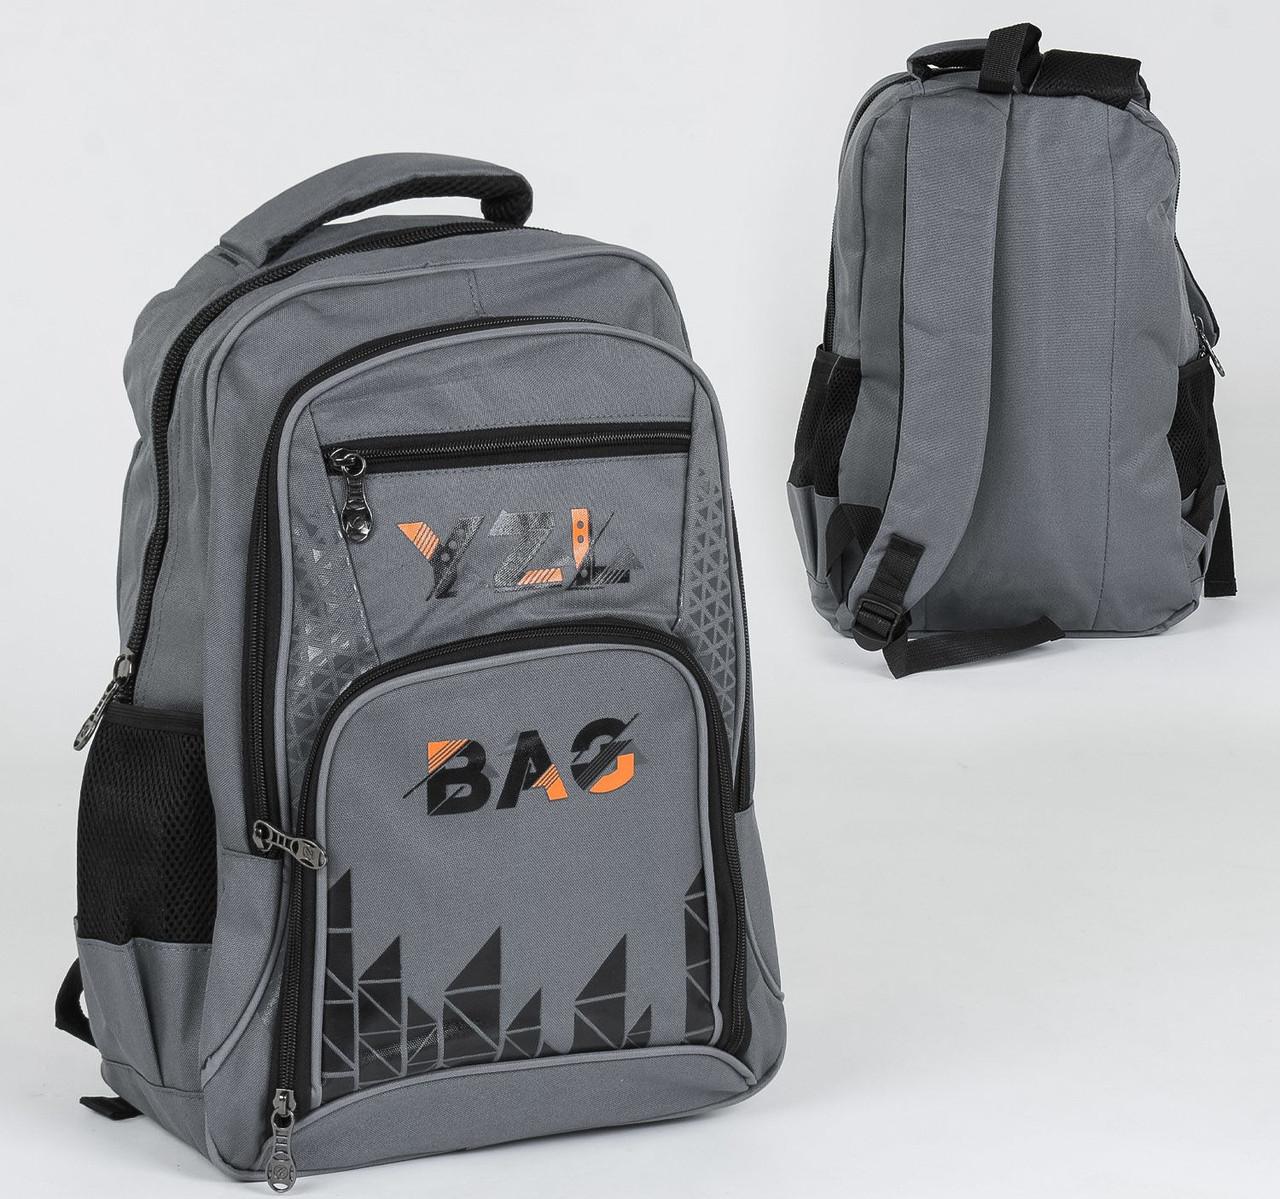 Школьный серый рюкзак для мальчика (2 отделения, 4 кармана, мягкая спинка)